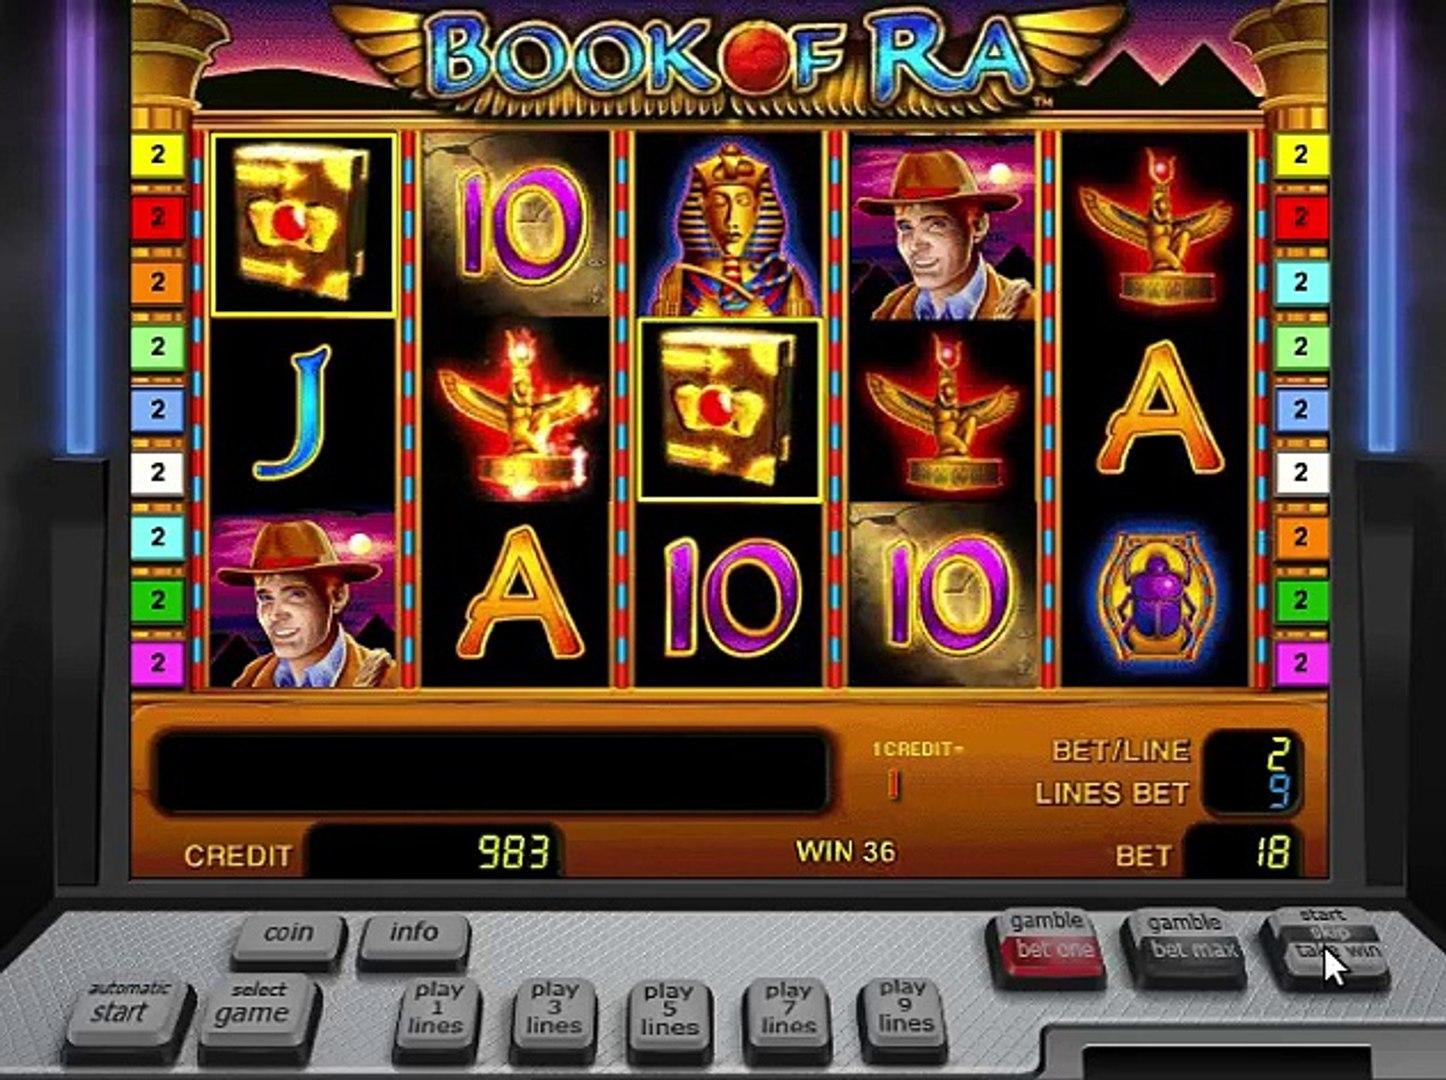 I игровые автоматы книги играть бесплатно онлайн без регистрации xbet официальный сайт игровые автоматы 1